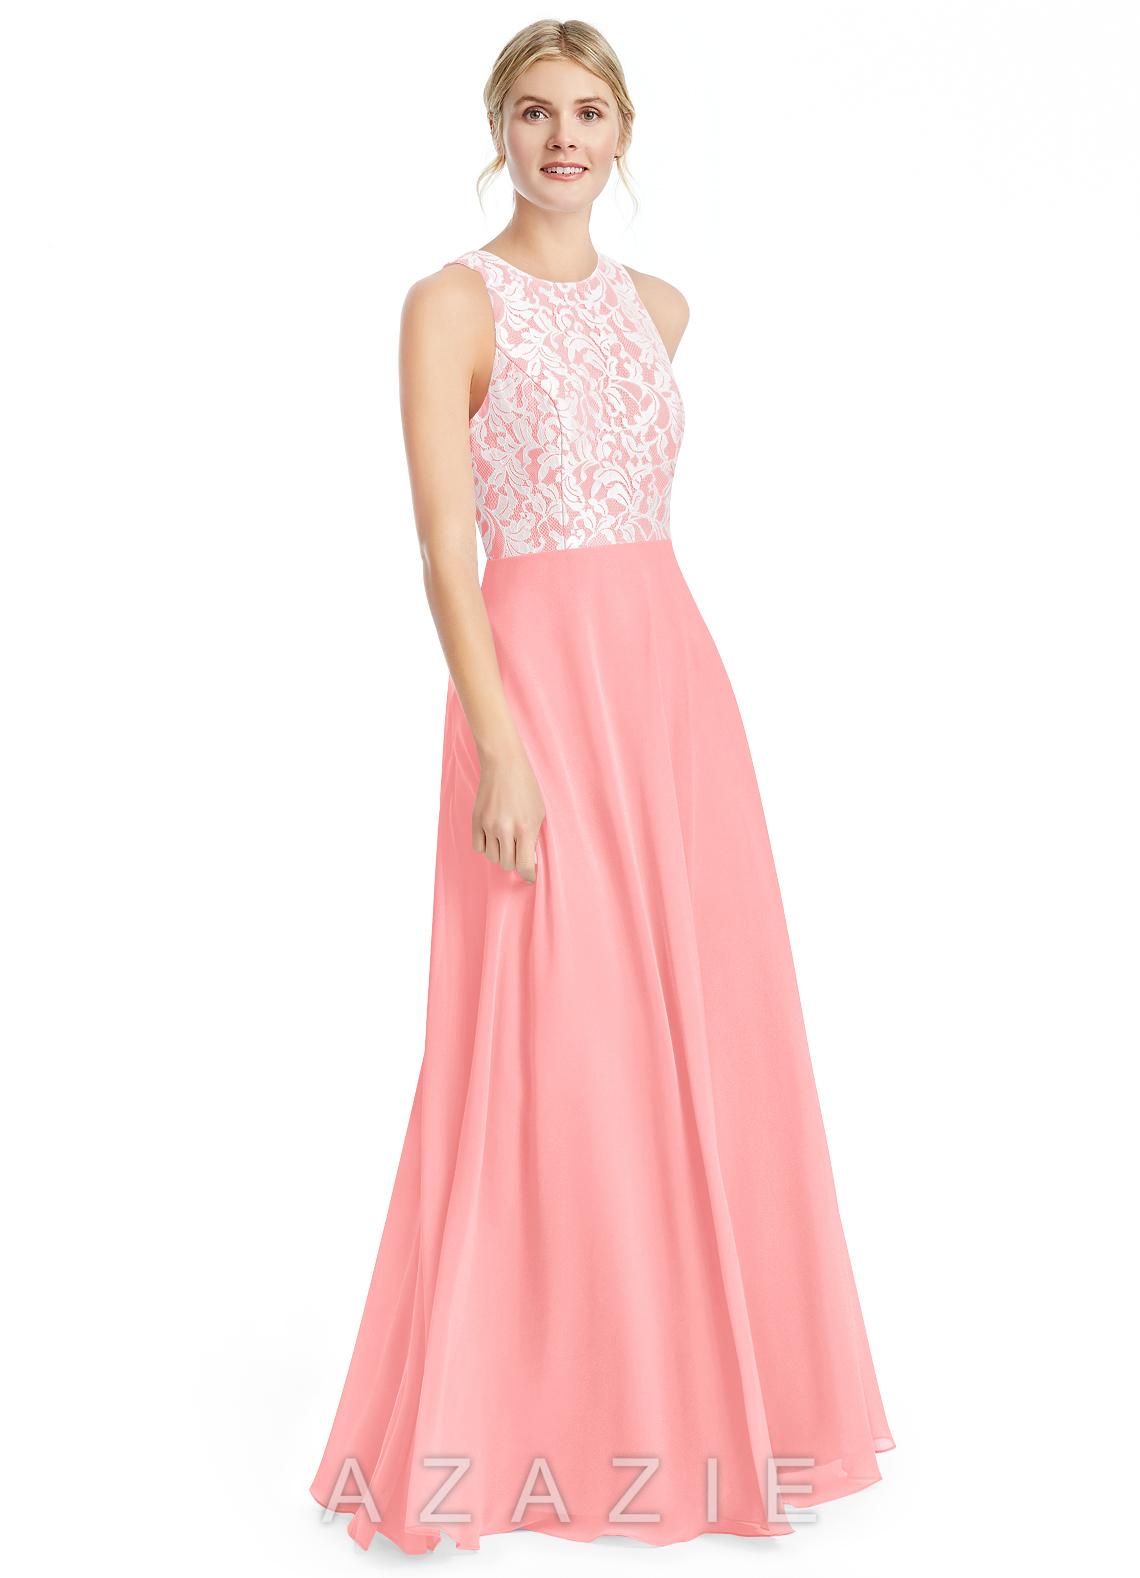 Azazie Kate Bridesmaid Dress | Azazie - photo #7